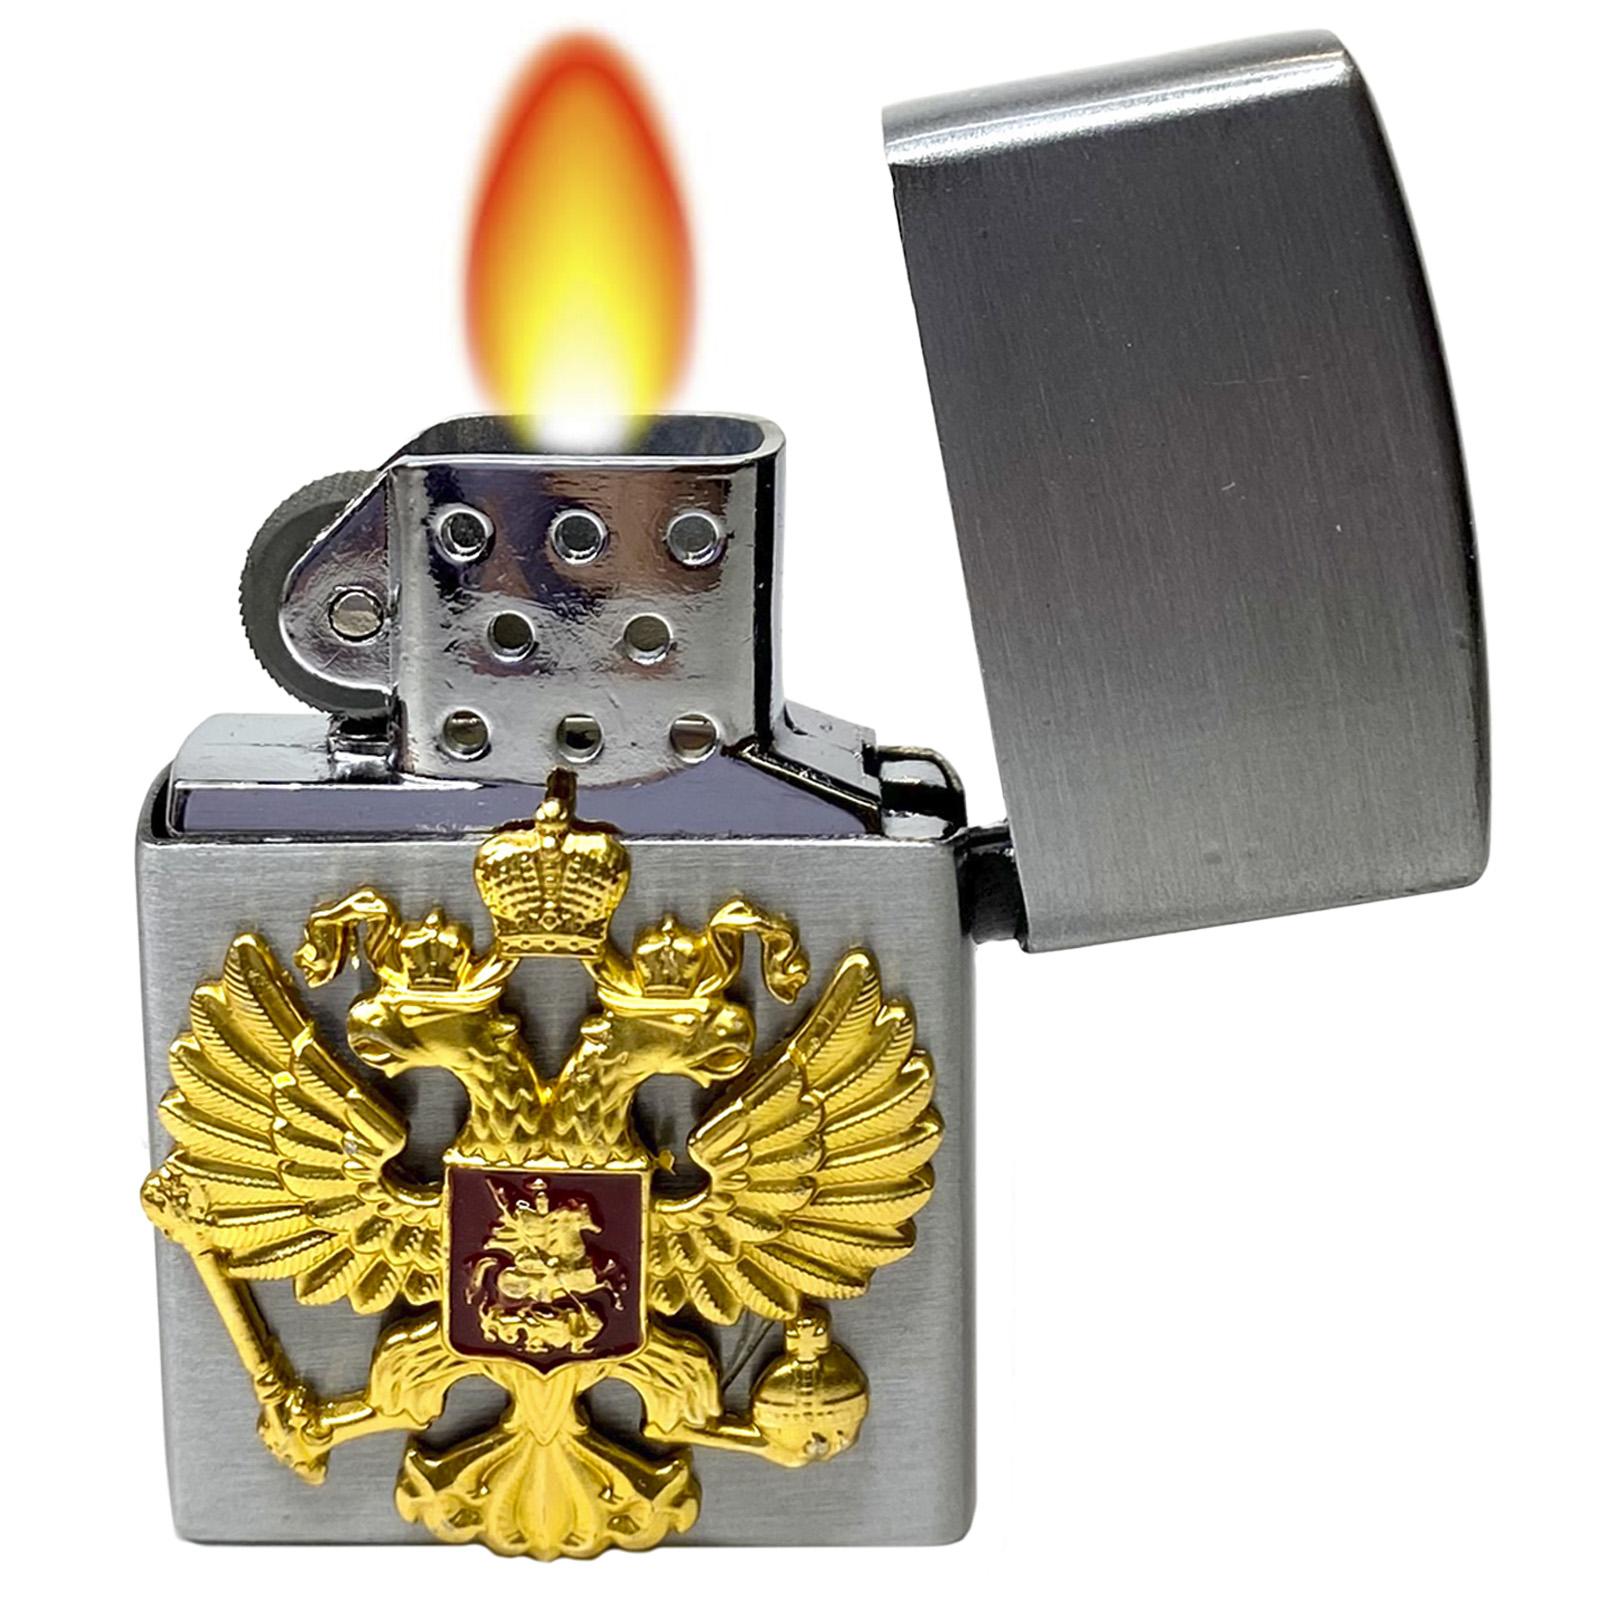 Патриотические зажигалки Zippo заказать онлайн недорого к 9 мая